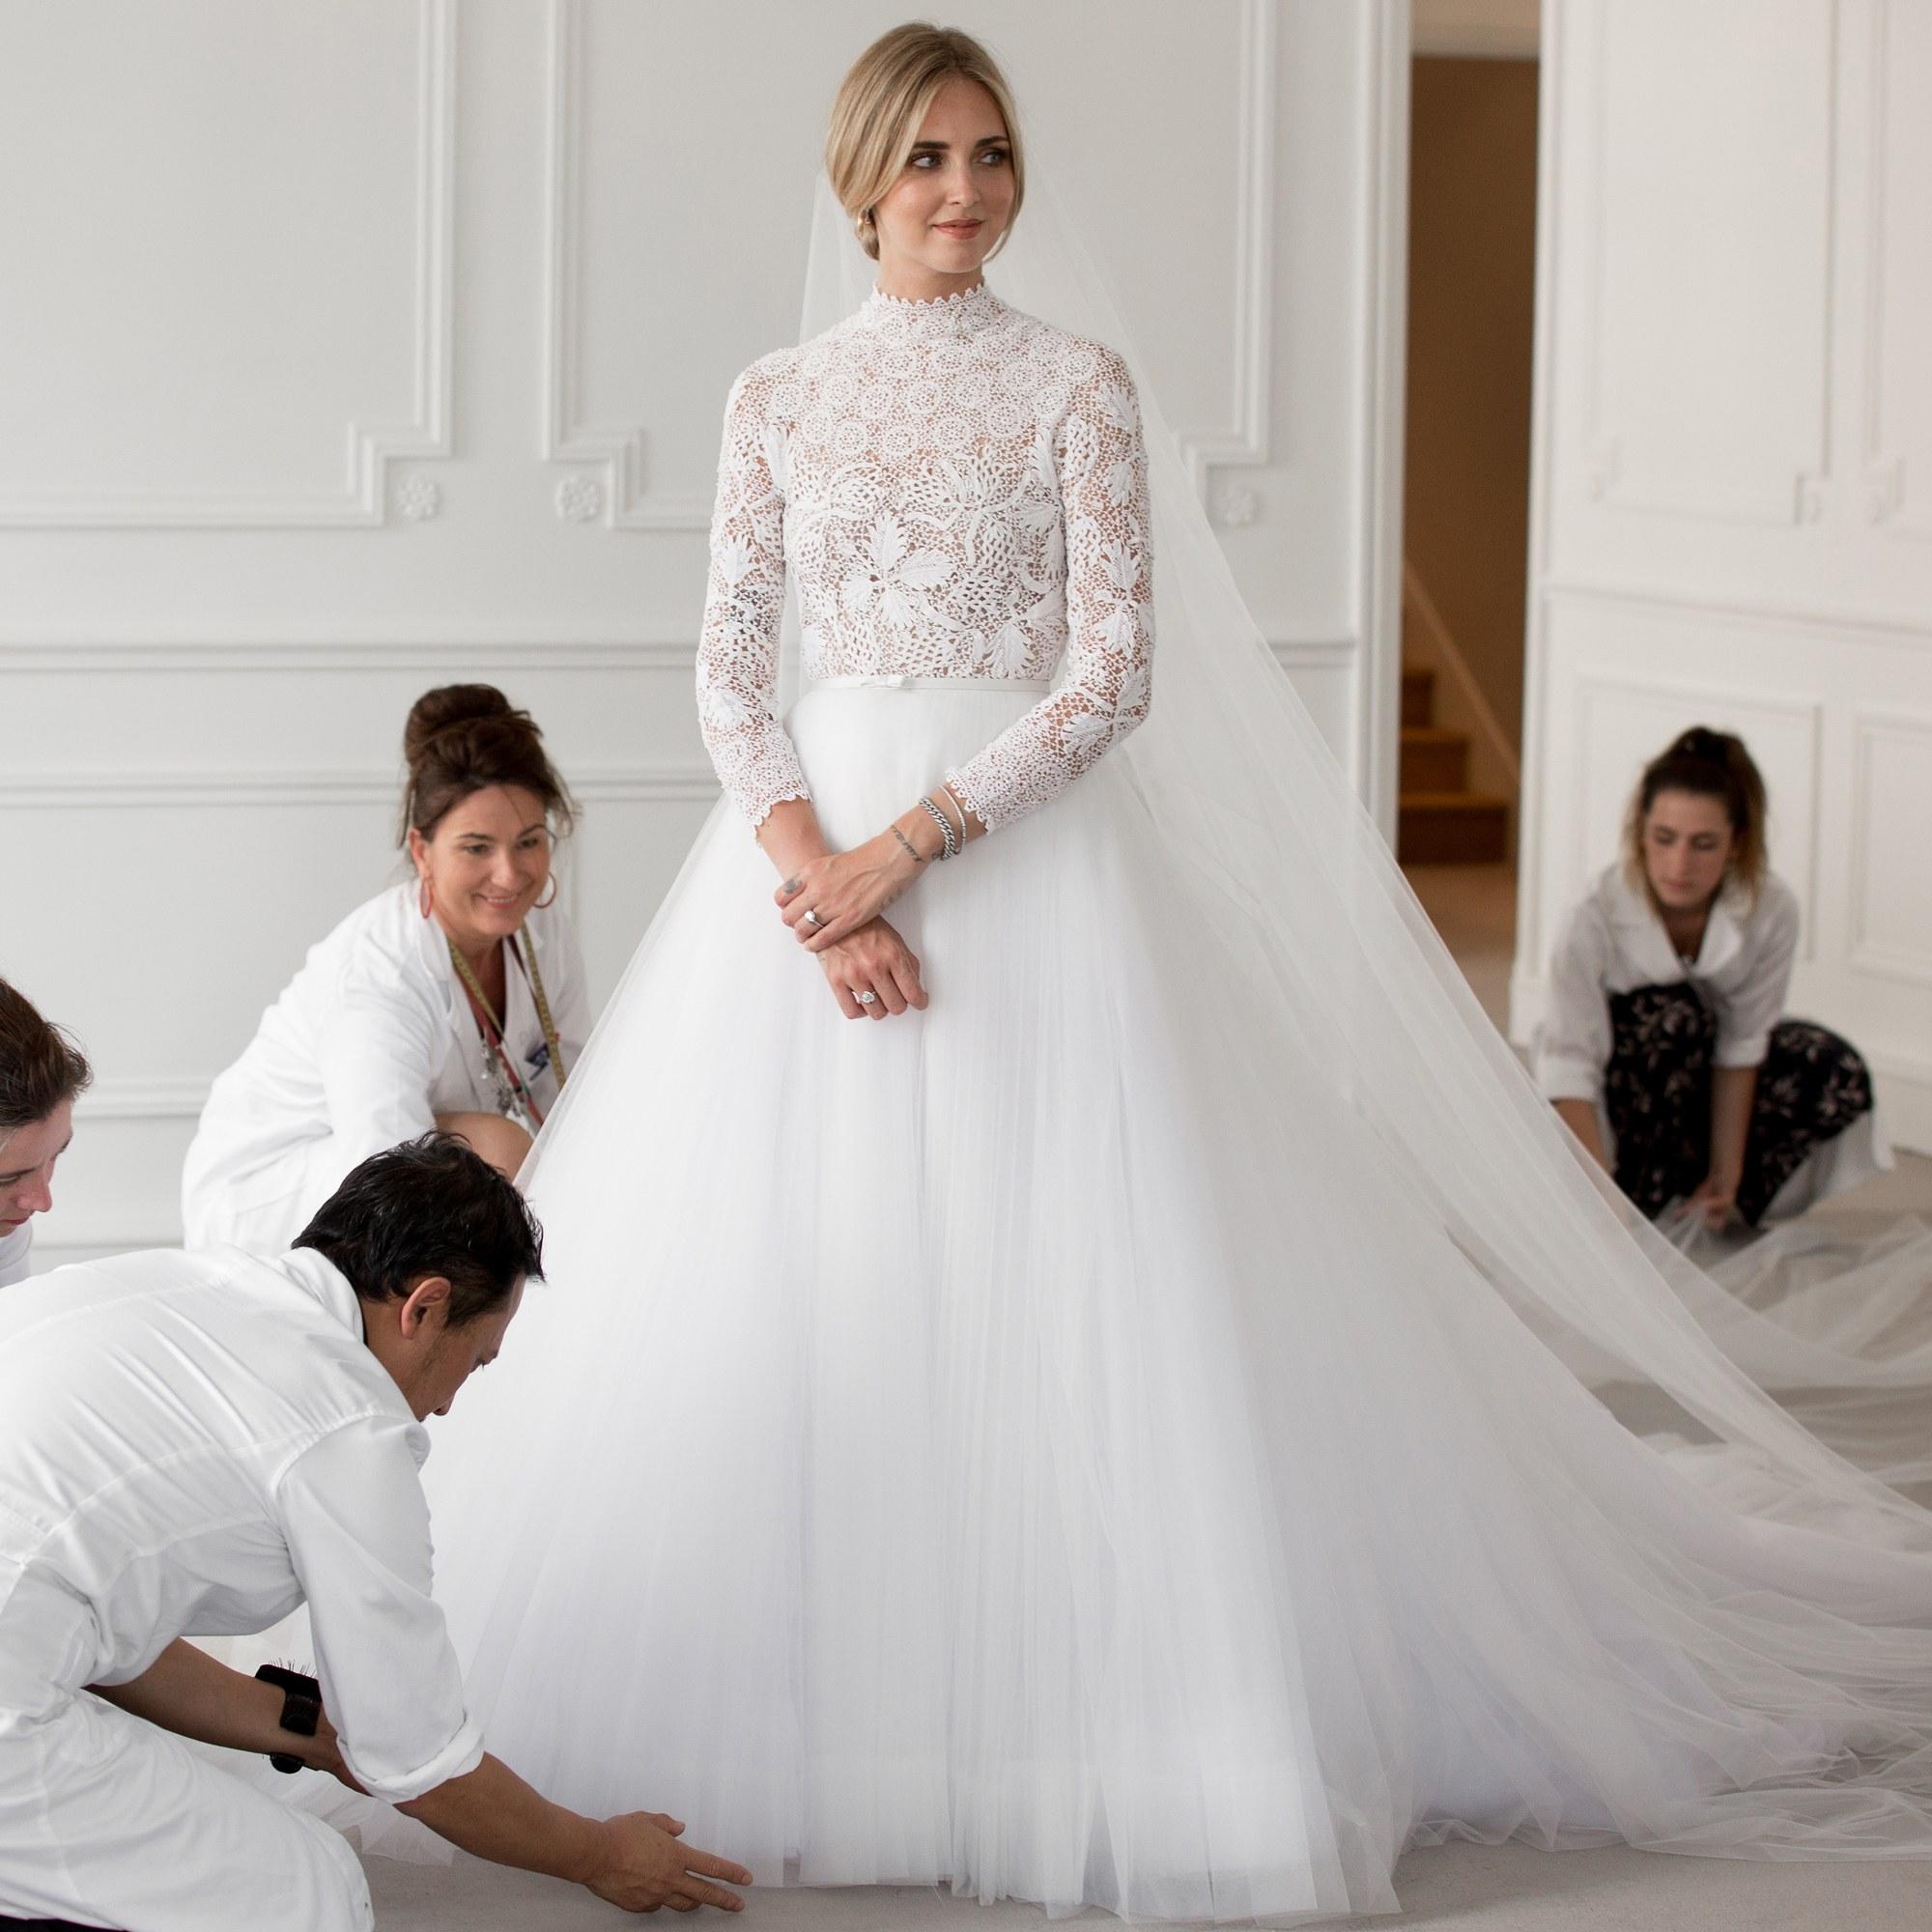 00 Promo Image Chiara Ferragni Wedding Dress Ing Ink